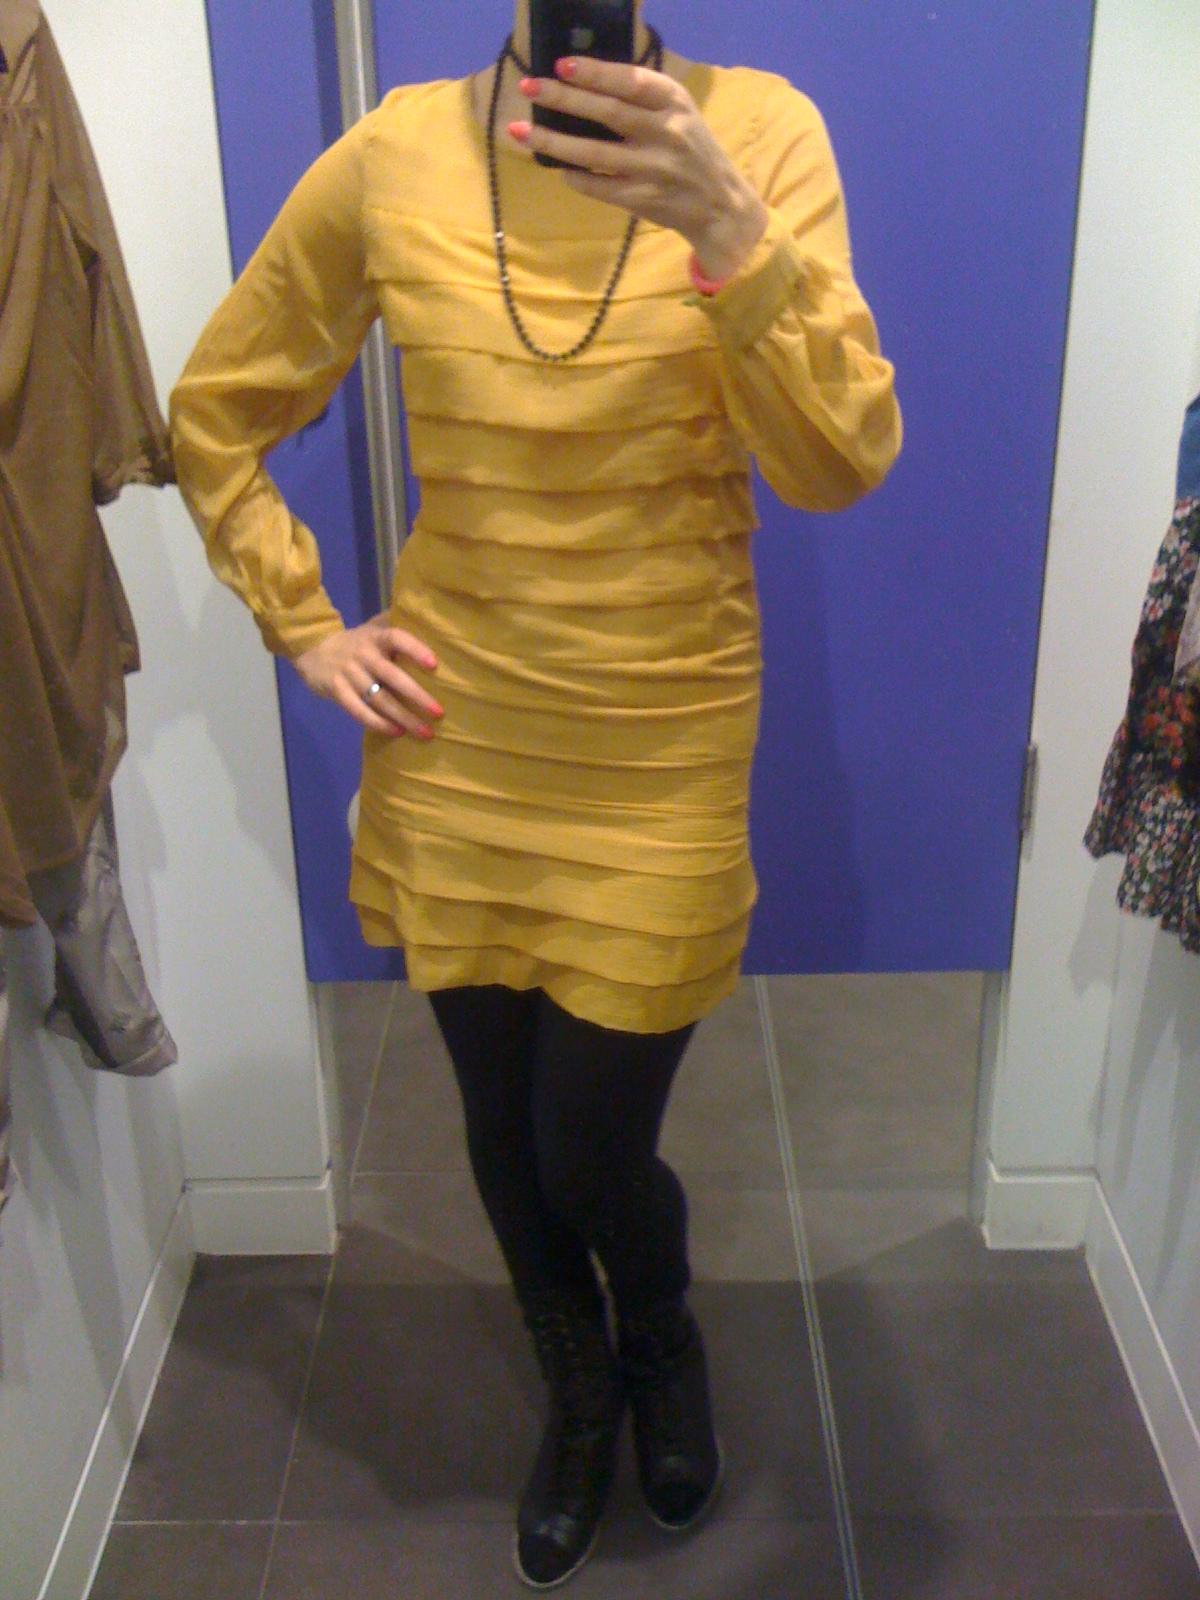 http://2.bp.blogspot.com/_t9Hke2GSHVg/TTnRtFFKC9I/AAAAAAAAAxg/gN4CNuO7mlc/s1600/mustard%2Bmayhem.JPG